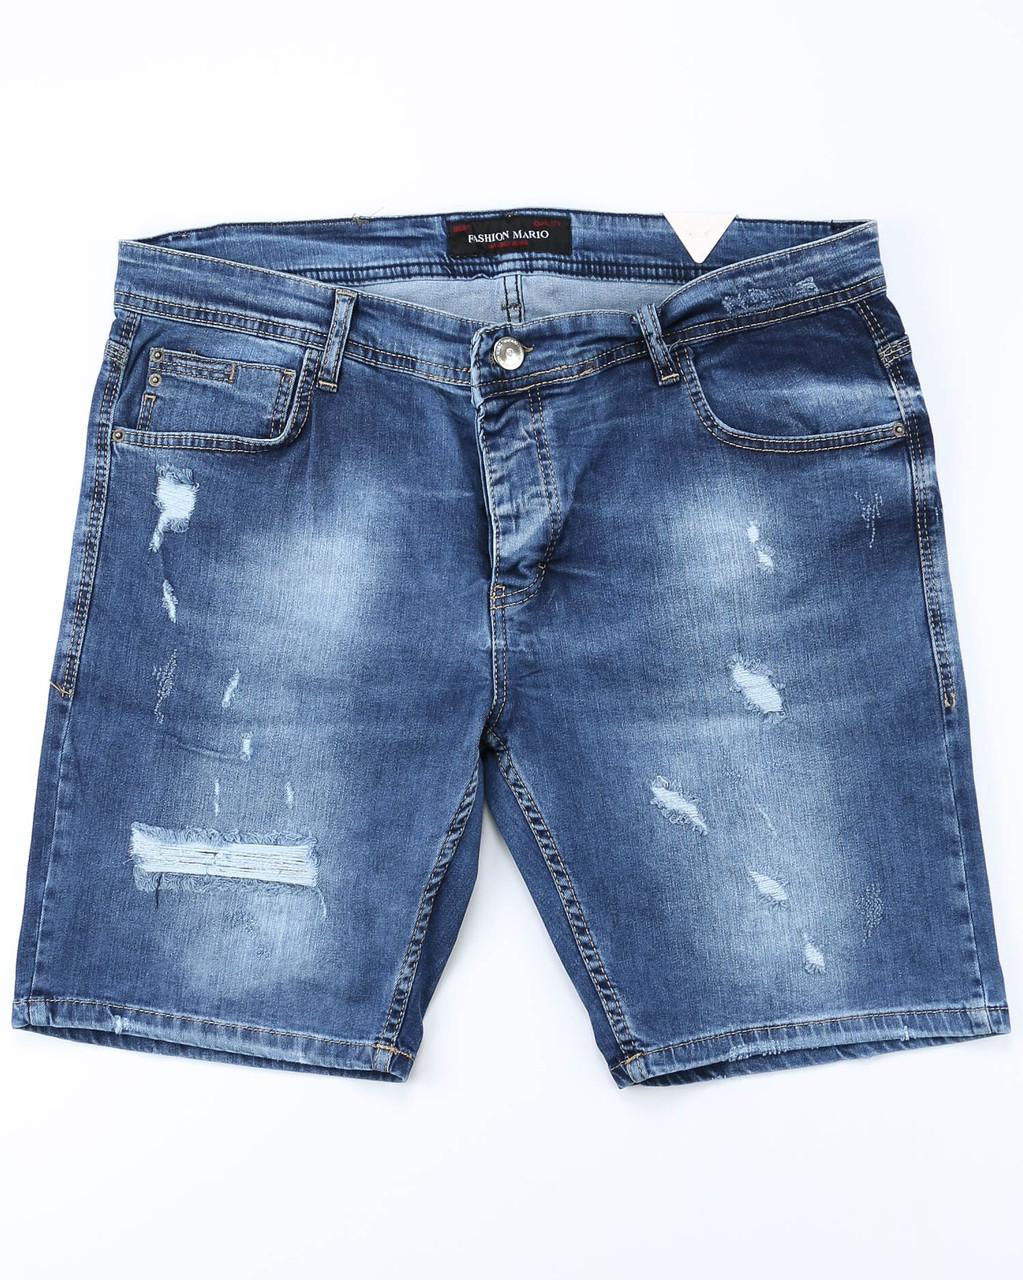 Шорты джинс MARIO рваные 31(Р) 0015